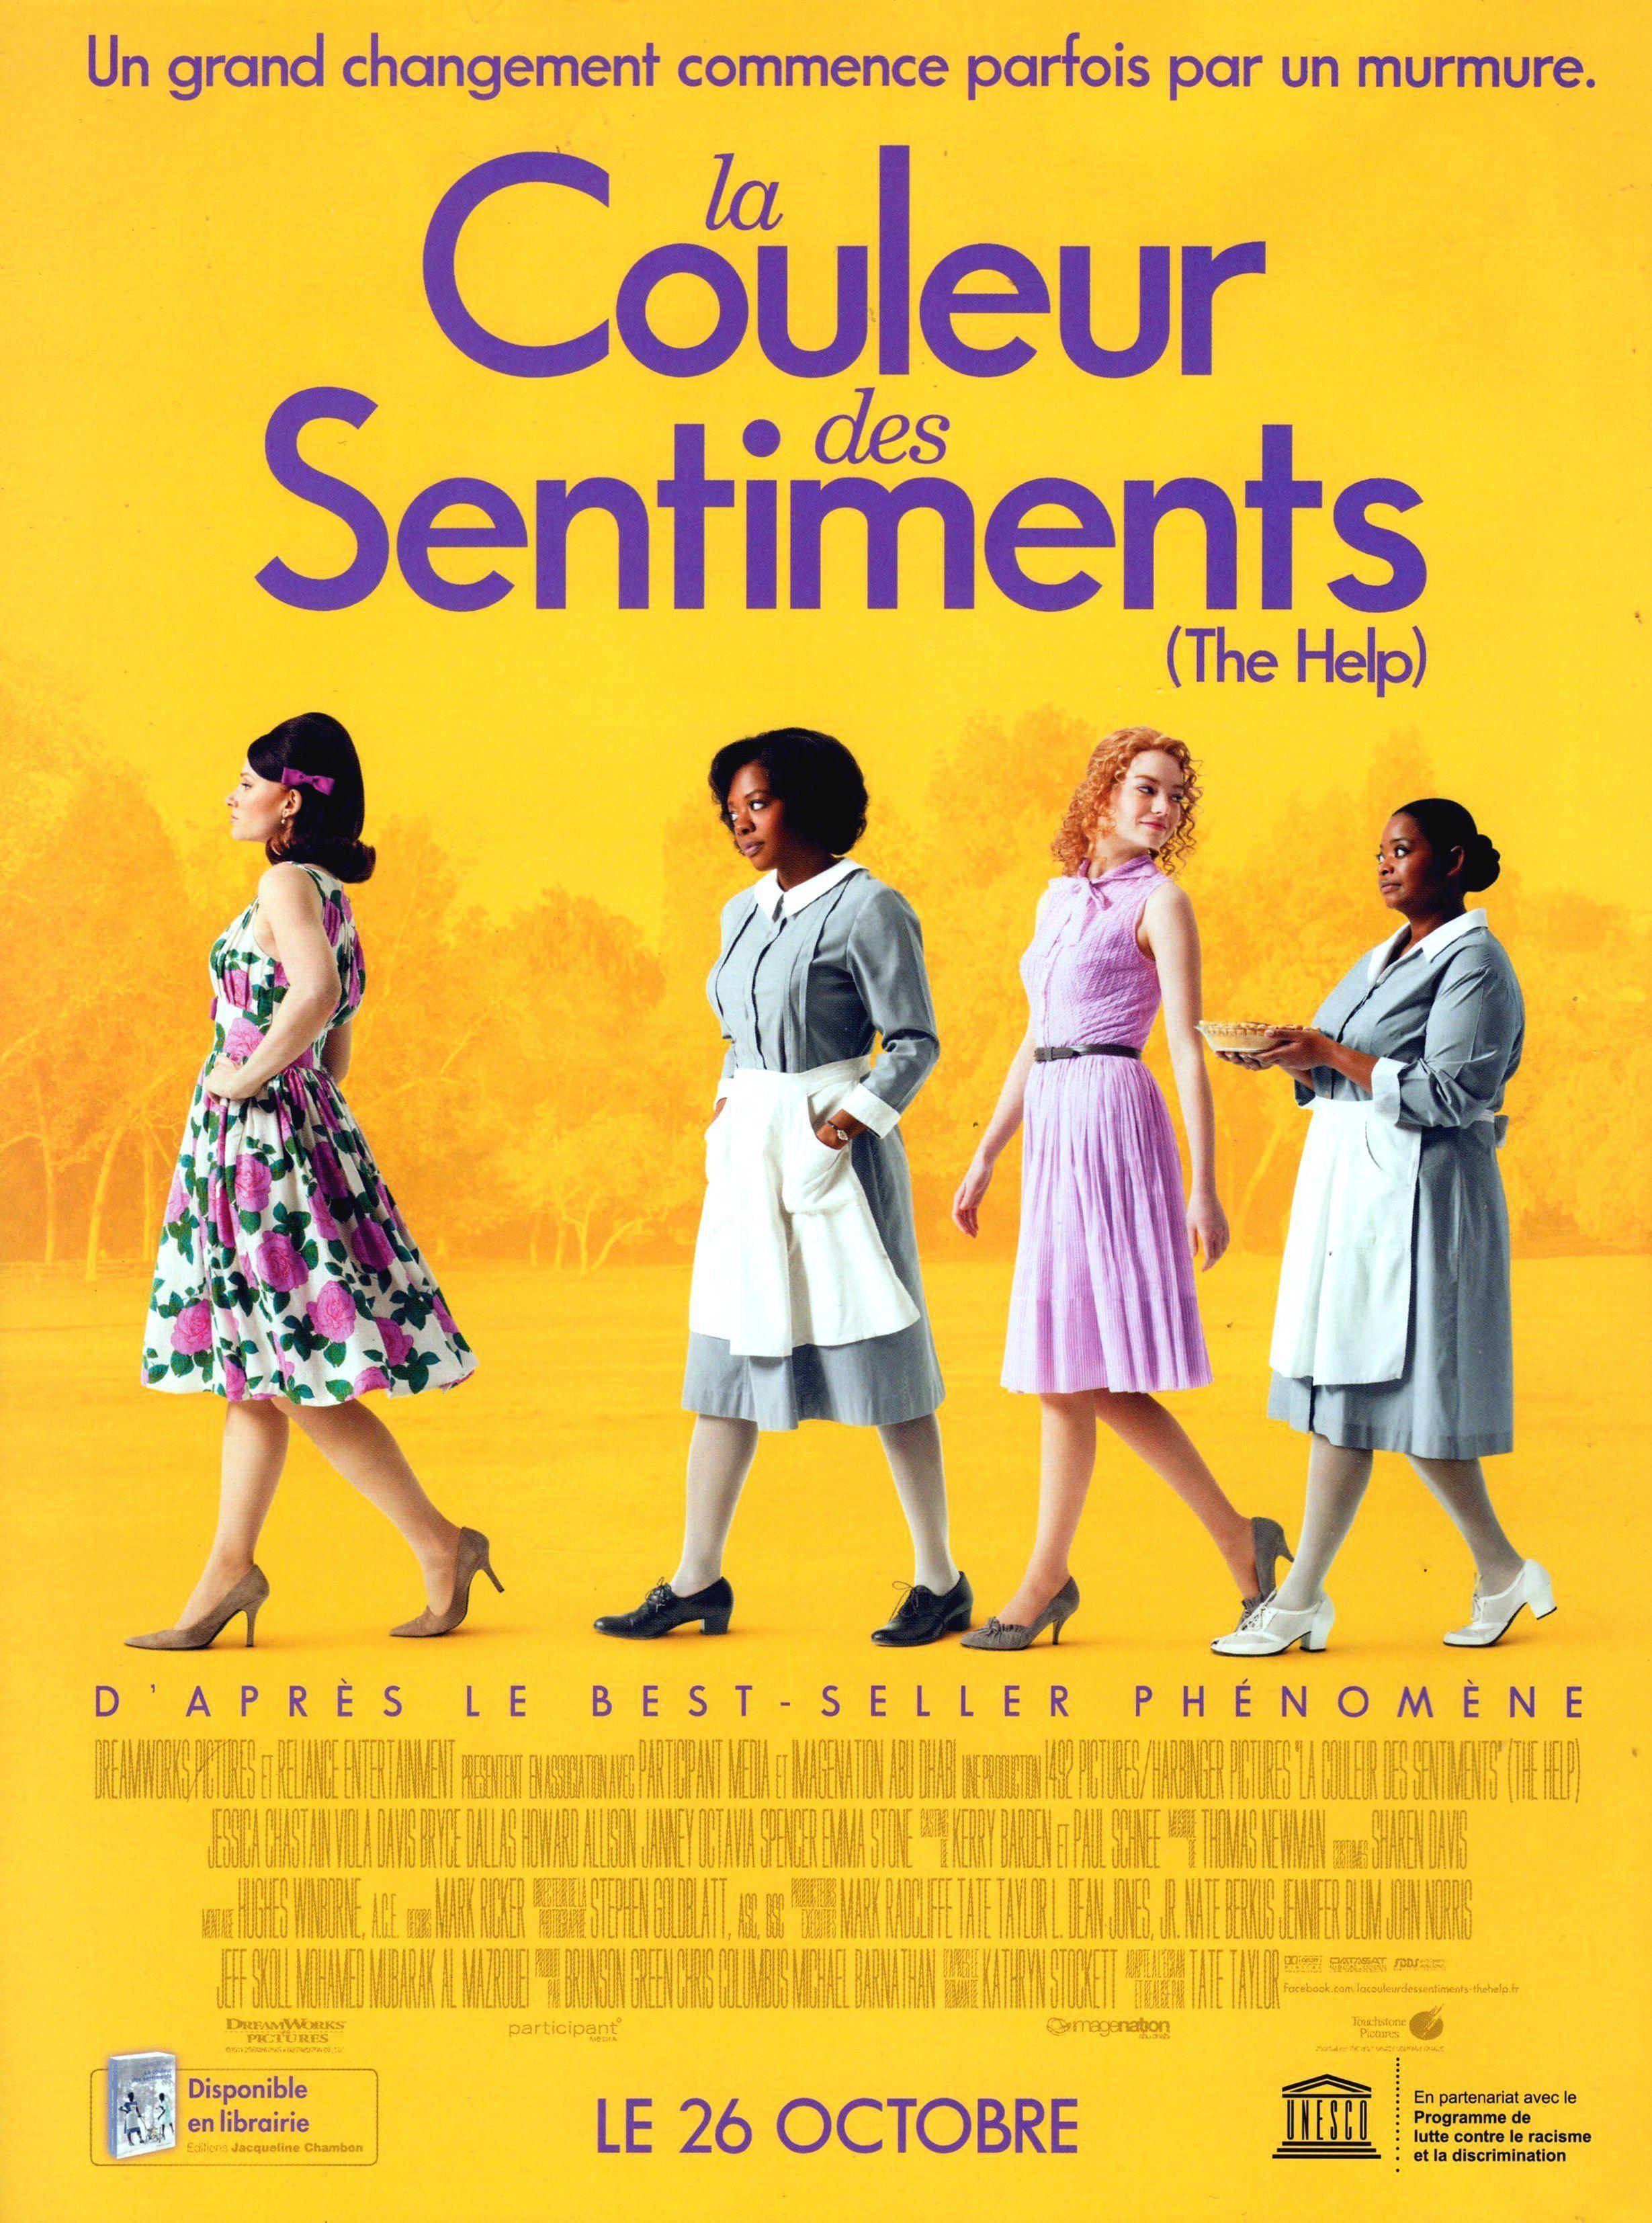 La Couleur des sentiments - Film (2011)